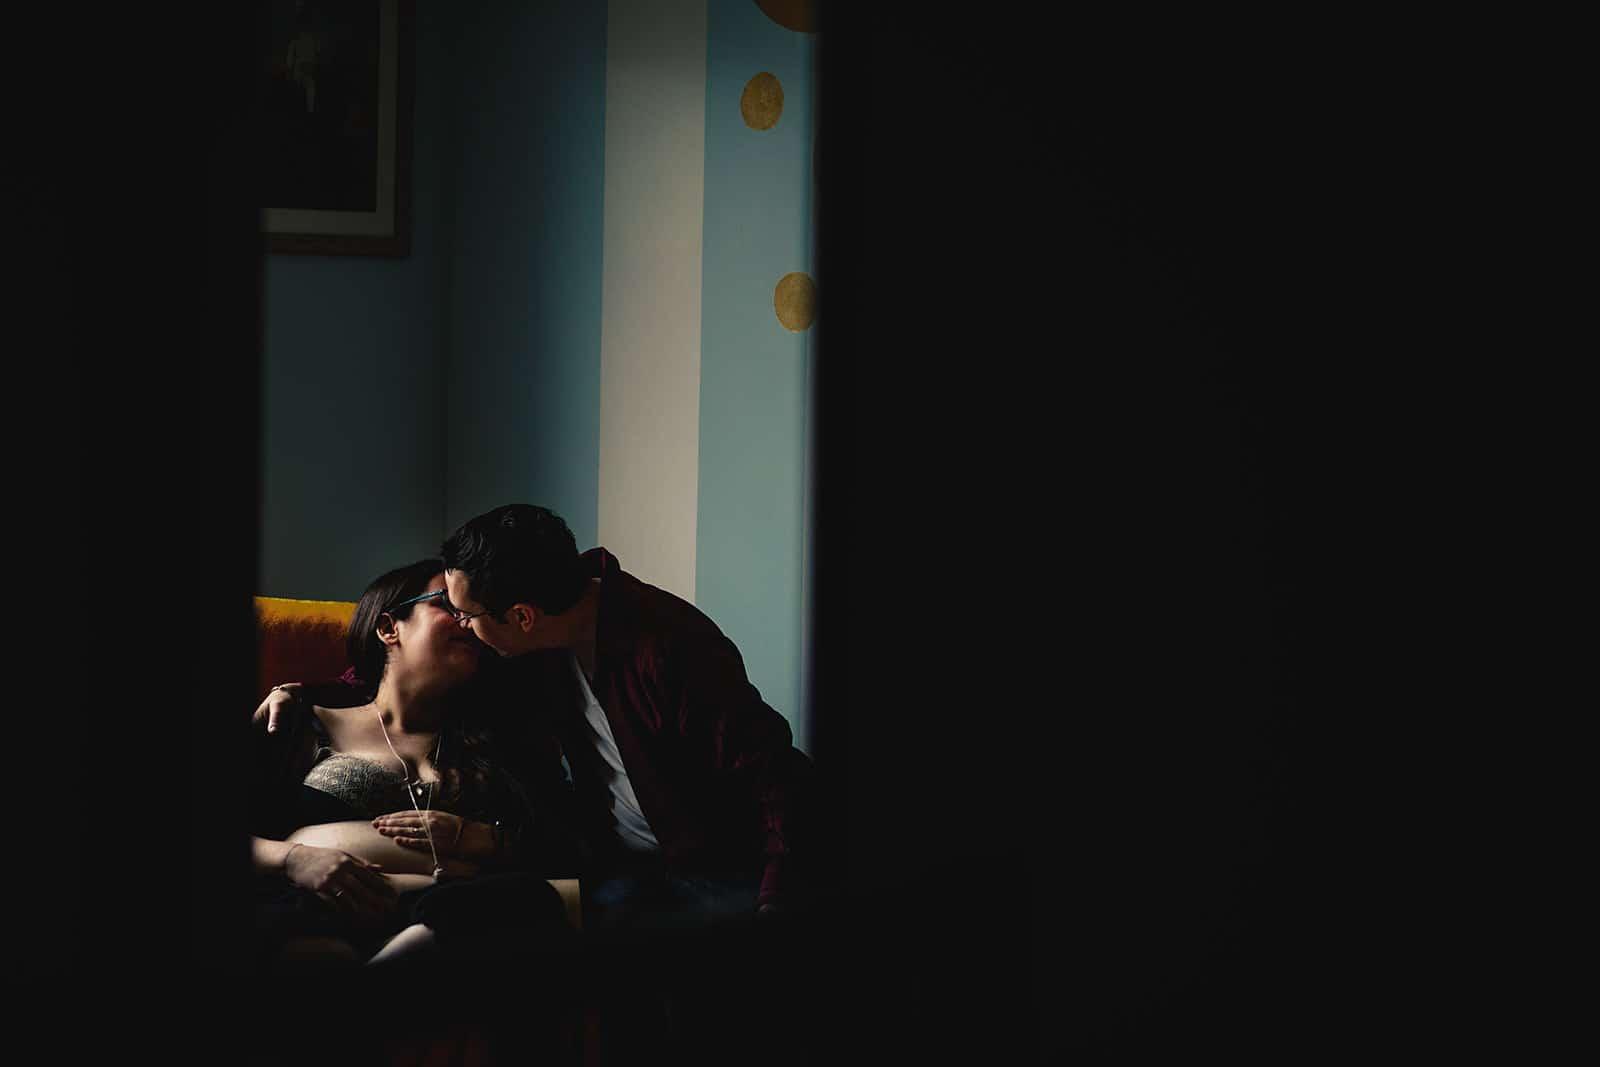 meilleur avis photographe de grossesse à domicile Bordeaux Pregnancy documentary photo Session séance photo grossesse nouveau né